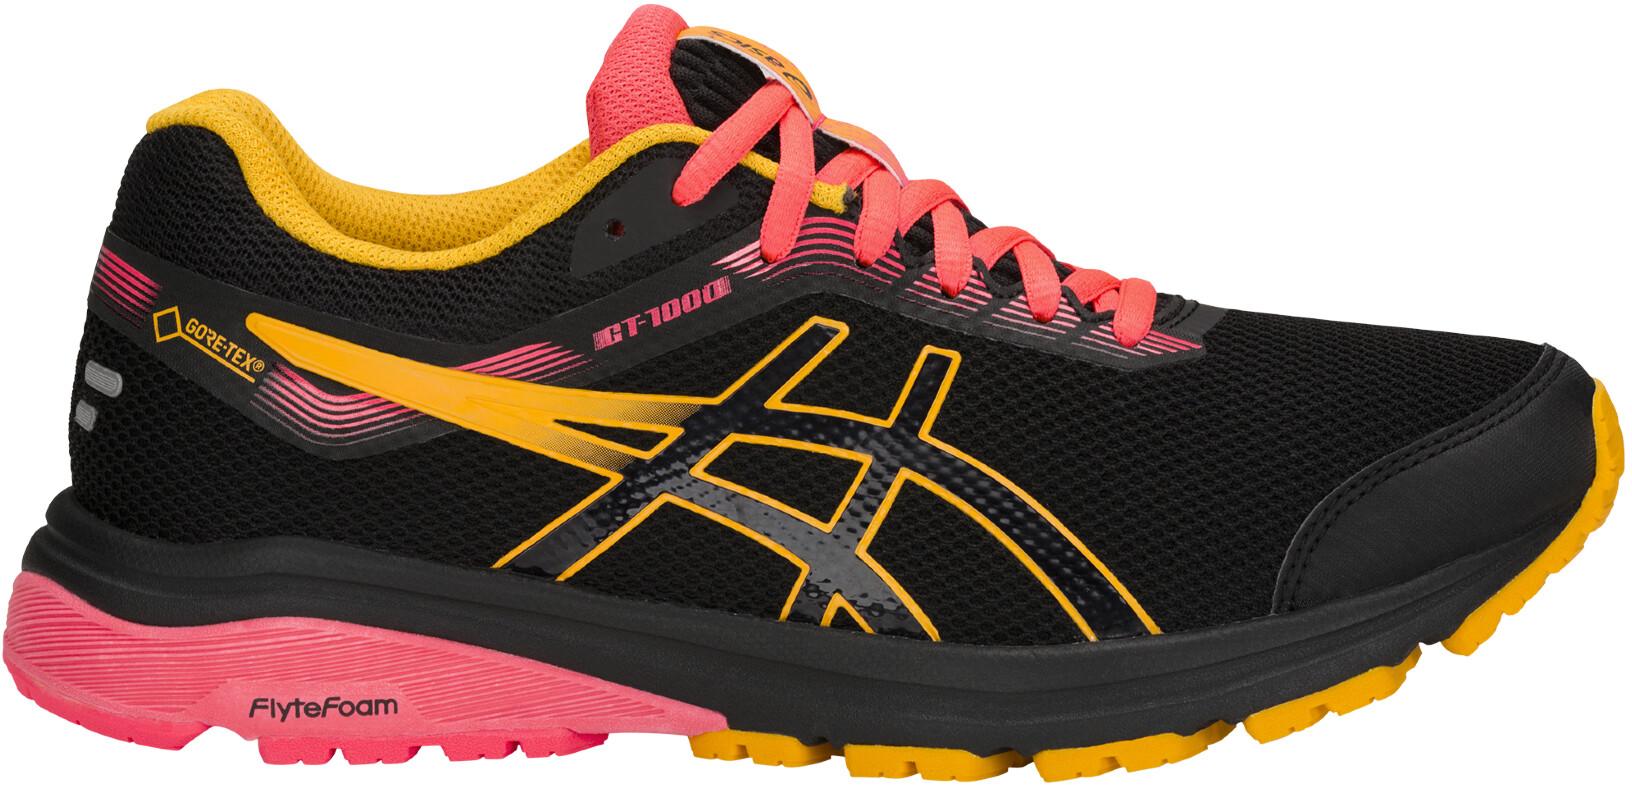 6d35118634a Chaussures Femmes  chaussures Asics Femme GT-1000 7 Gore-Tex Chaussures De  Course Baskets Sneakers Noir Sport